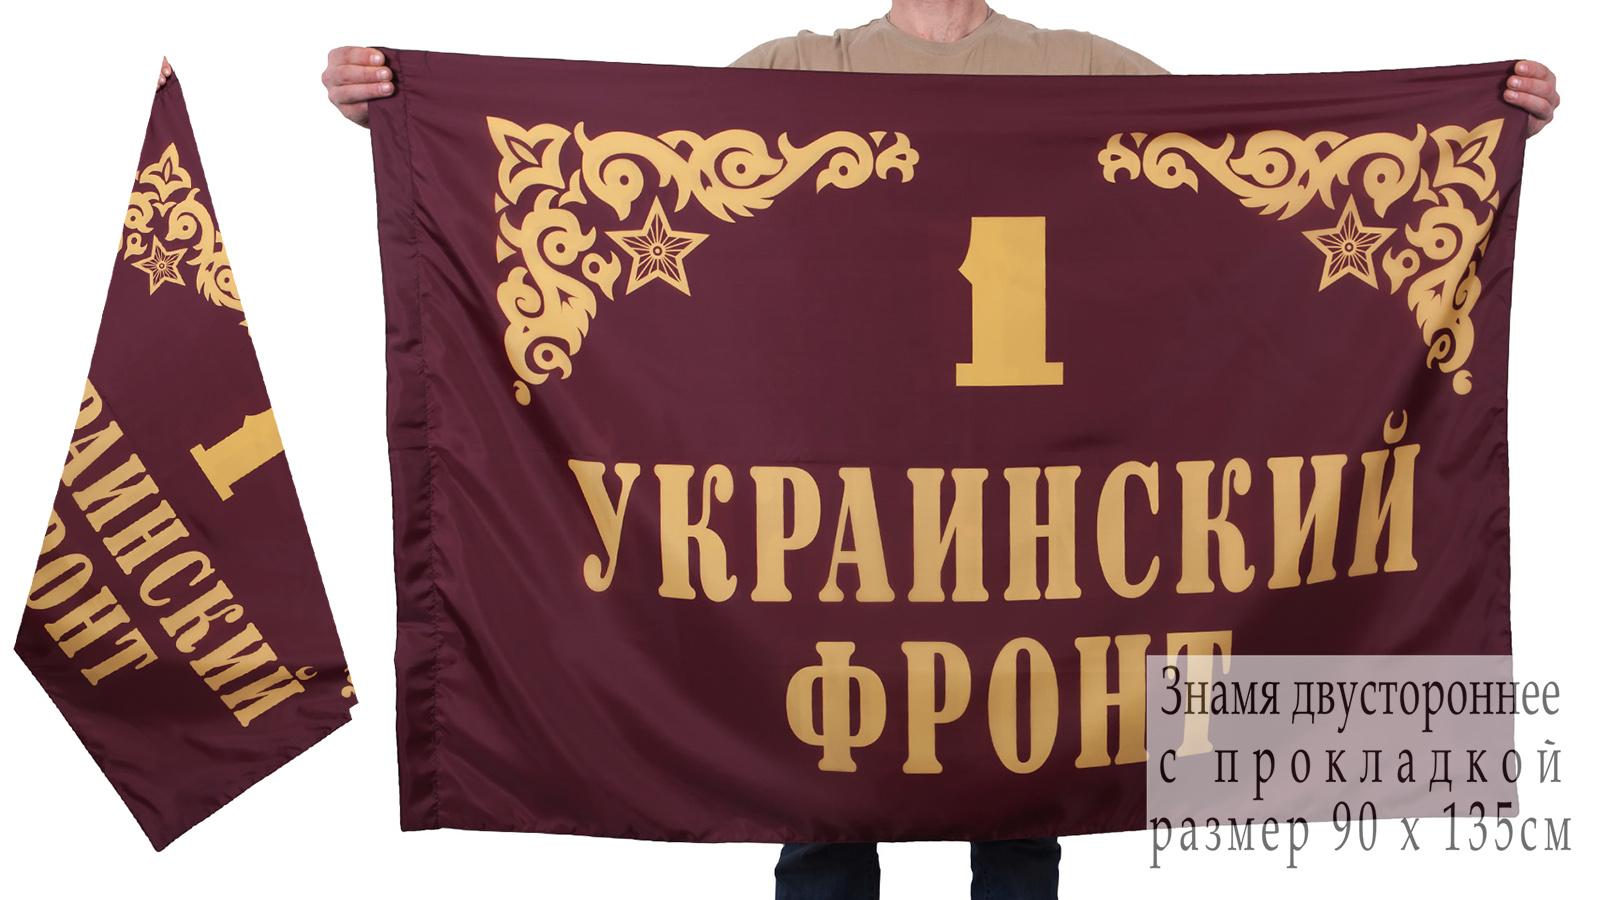 Двухстороннее знамя 1-го Украинского фронта